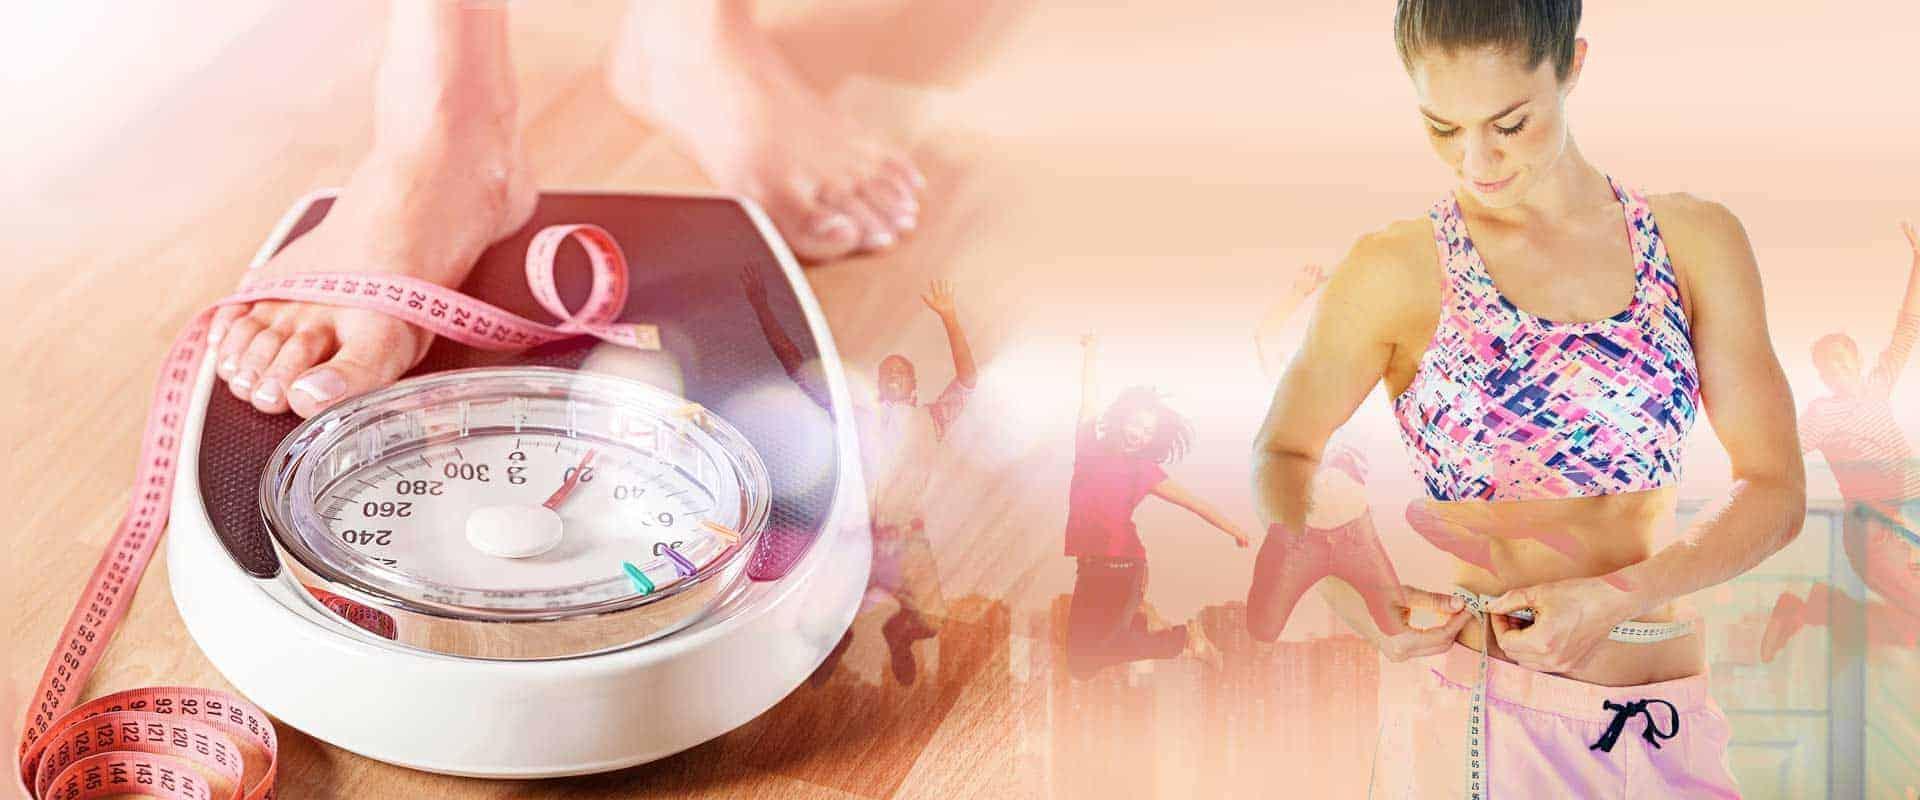 Herbalife produkter til slankekur og optimal vitalitet